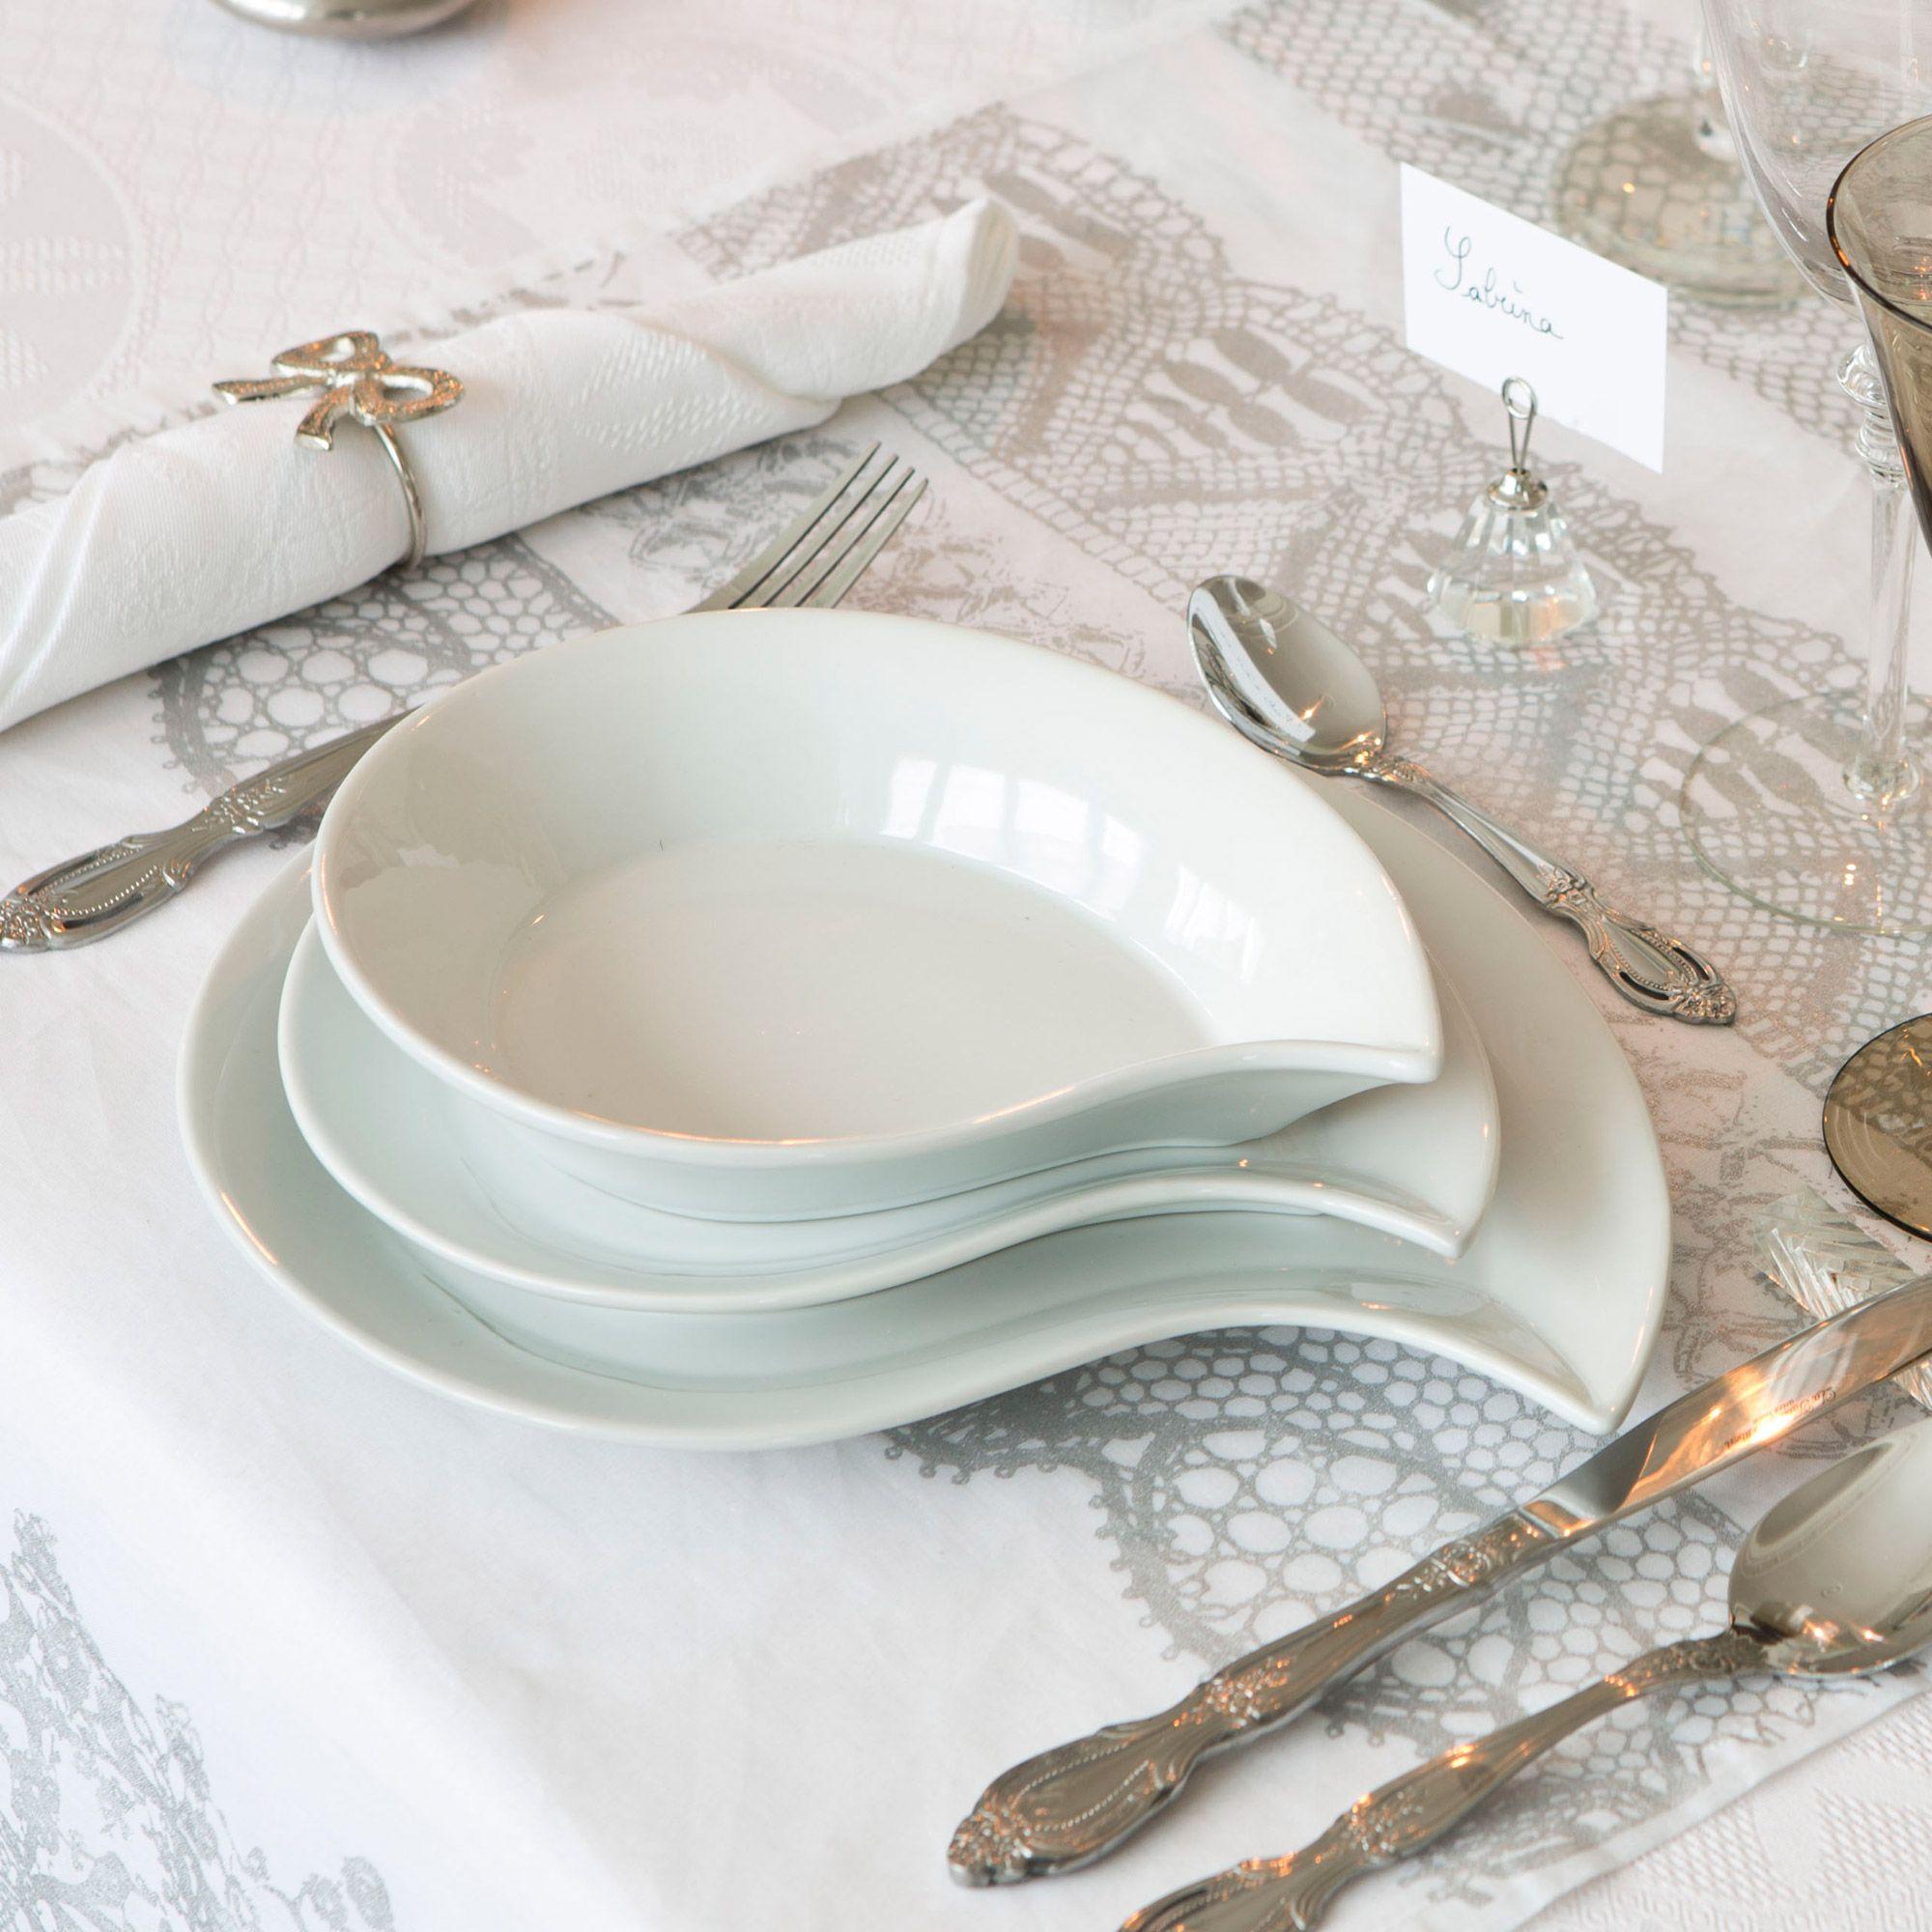 347b281cf695f Assiettes Delamaison, promo Service de table 12 pièces en porcelaine Blanc  VIRGULE Lola MiaG prix